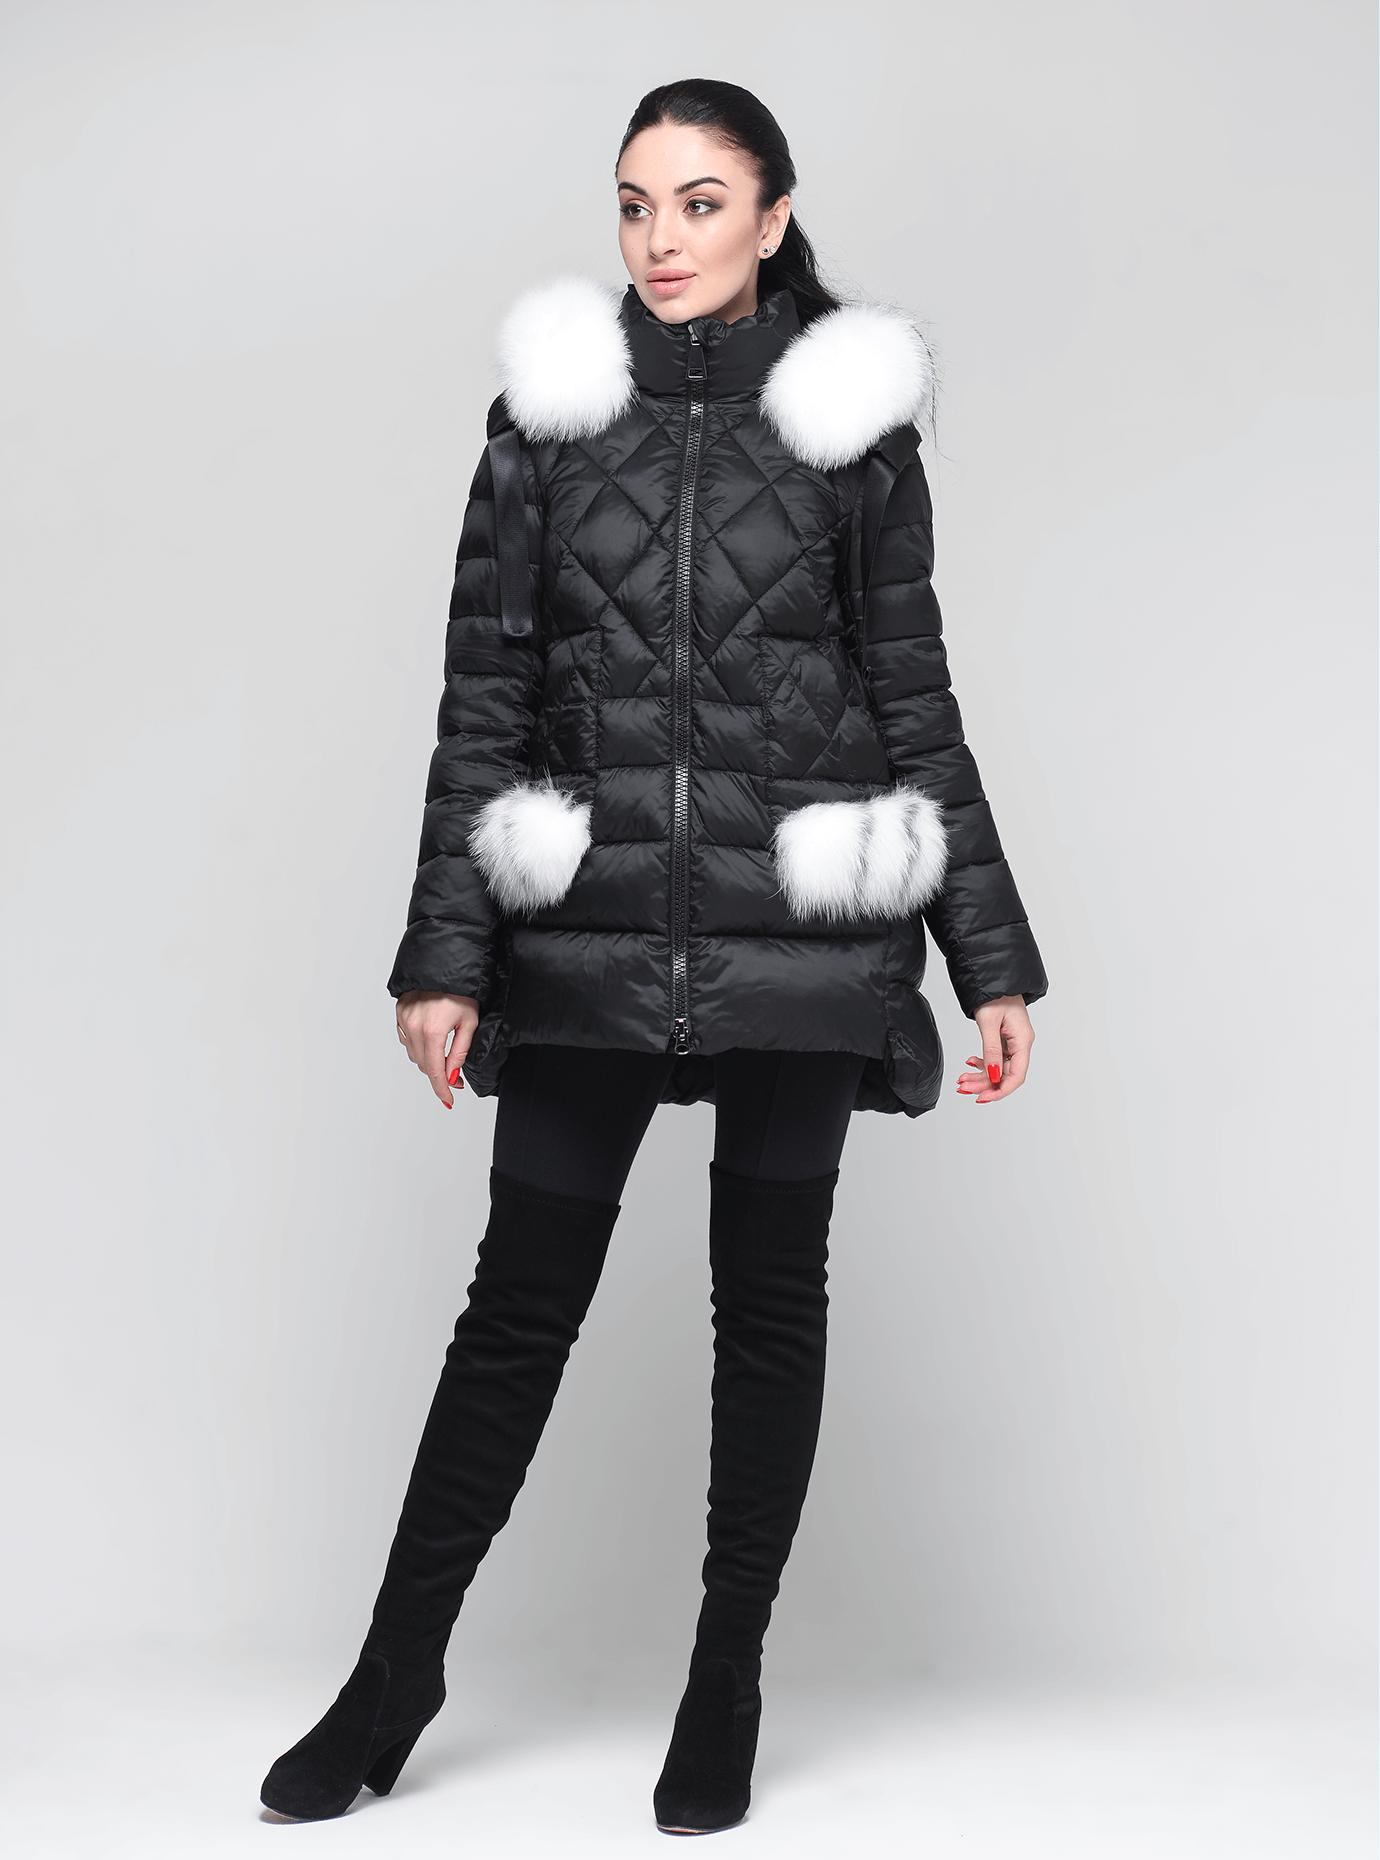 Куртка зимняя женская с мехом Чёрный M (01-9057): фото - Alster.ua